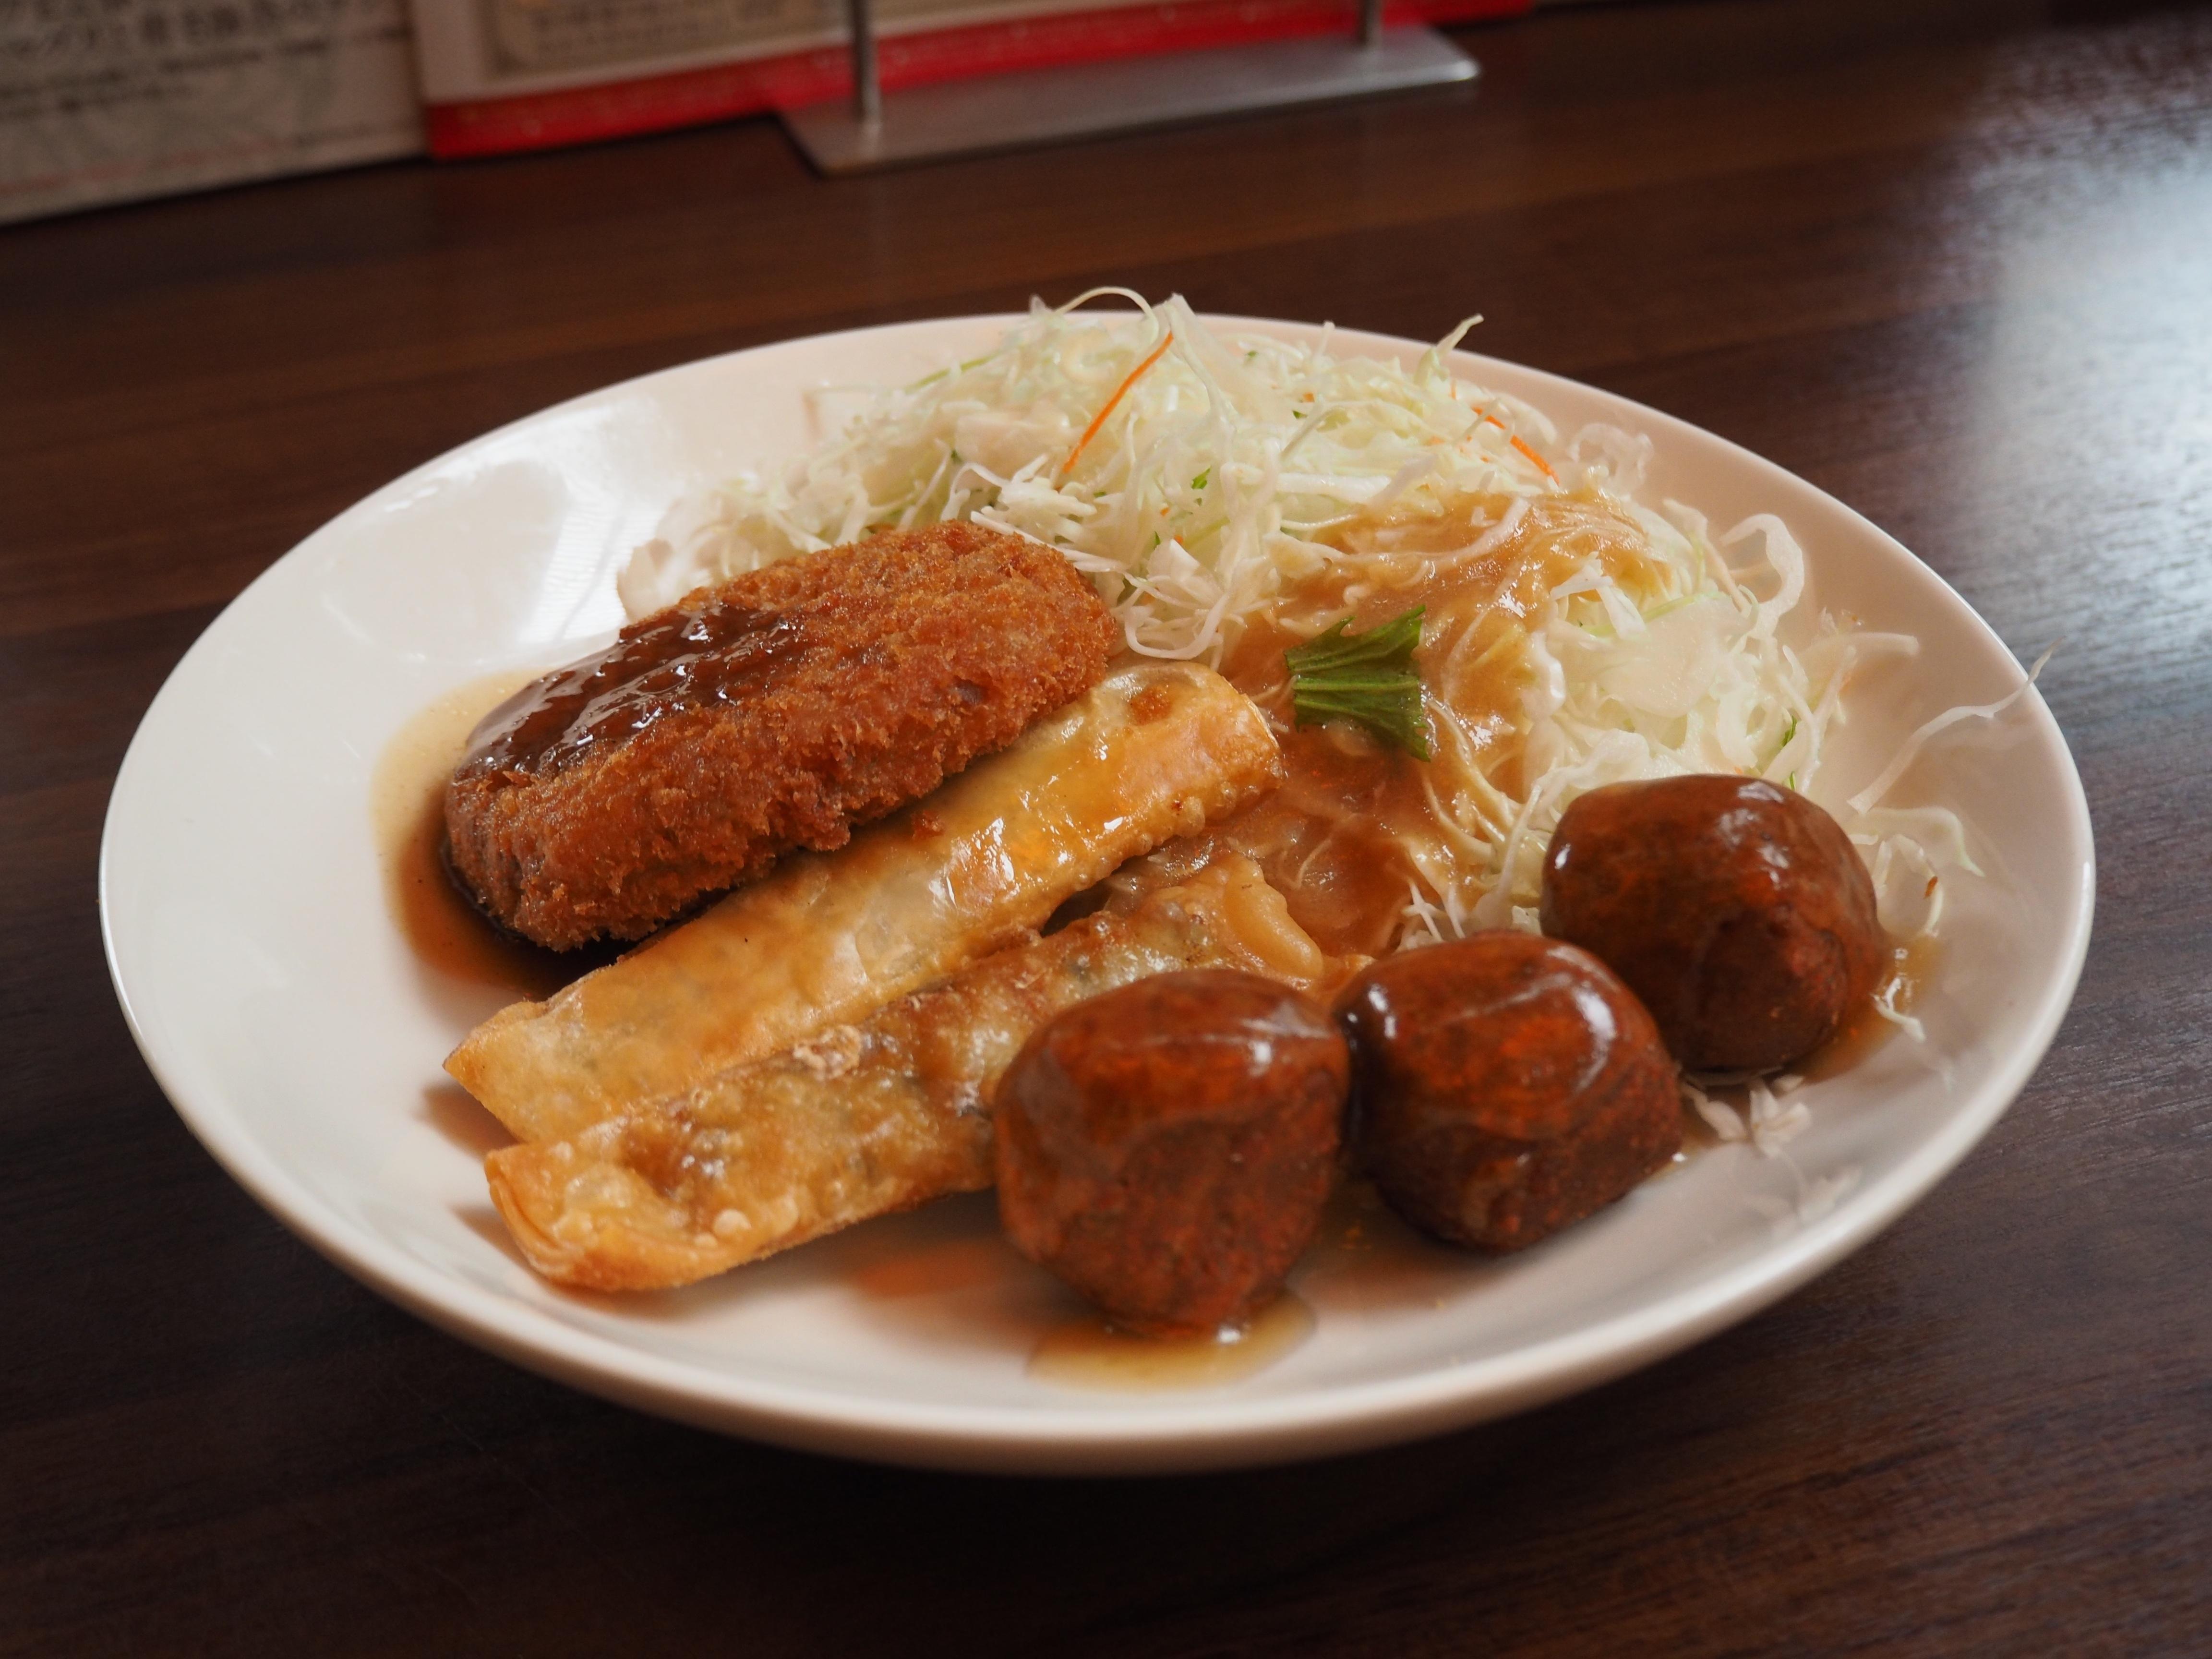 Très Images Gratuites : plat, repas, aliments, moi à, le déjeuner  LR05